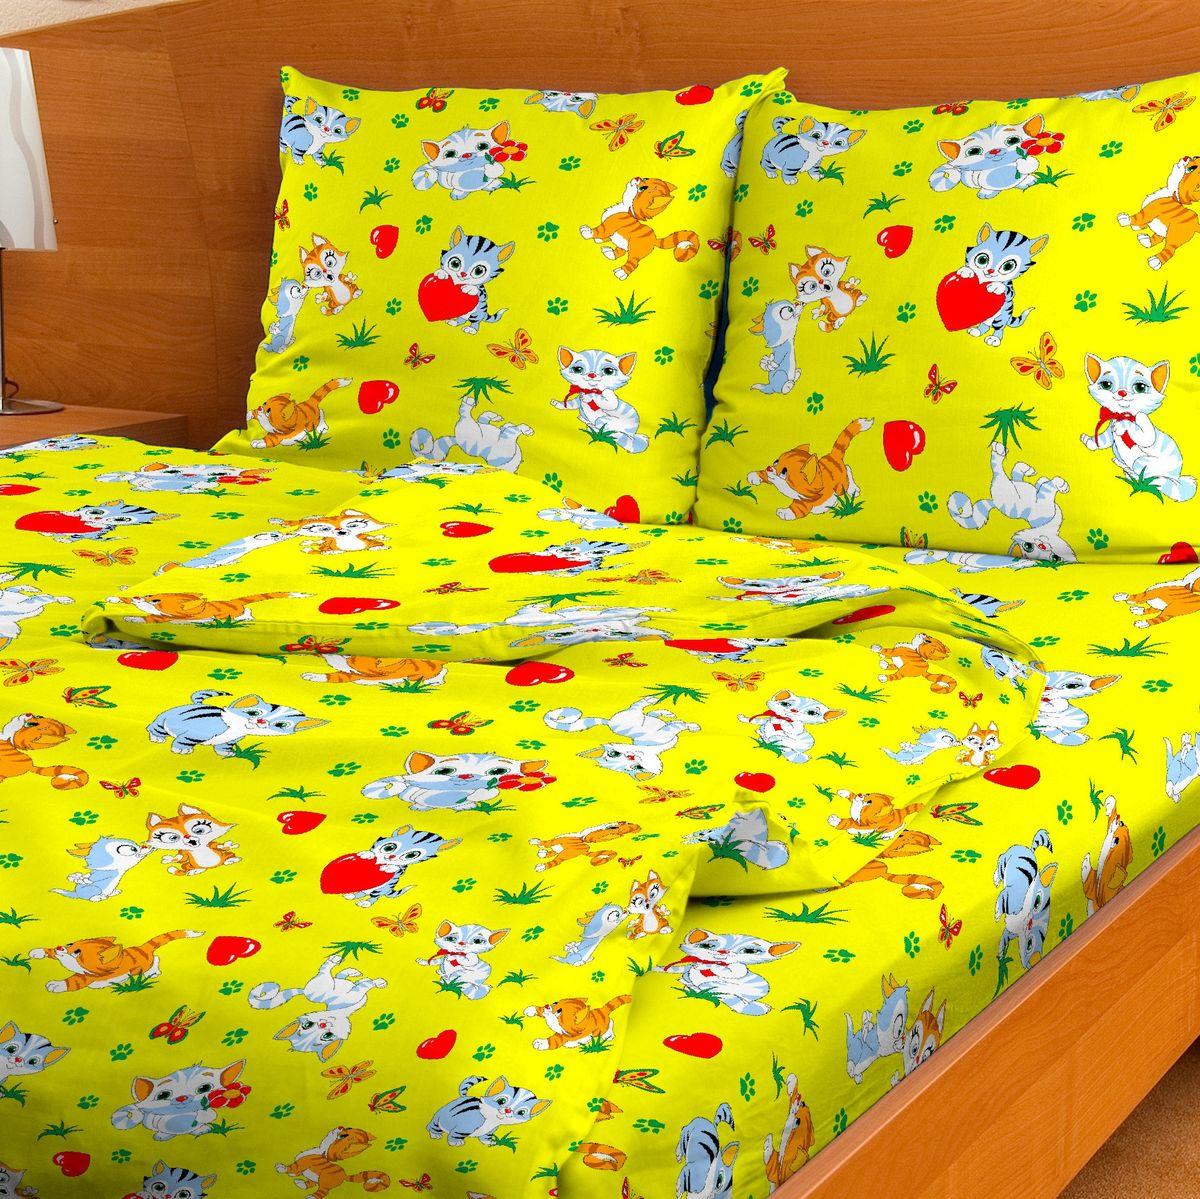 Letto Комплект детского постельного белья Мурзик601104005-26Letto.kids - это веселые детские и подростковые дизайны, в хлопковом исполнении с хорошими устойчивыми красителями и все это по очень доступной цене! Такое белье прослужит долго и выдержит много стирок. Рисунок на наволочке может отличаться от представленного на фото.